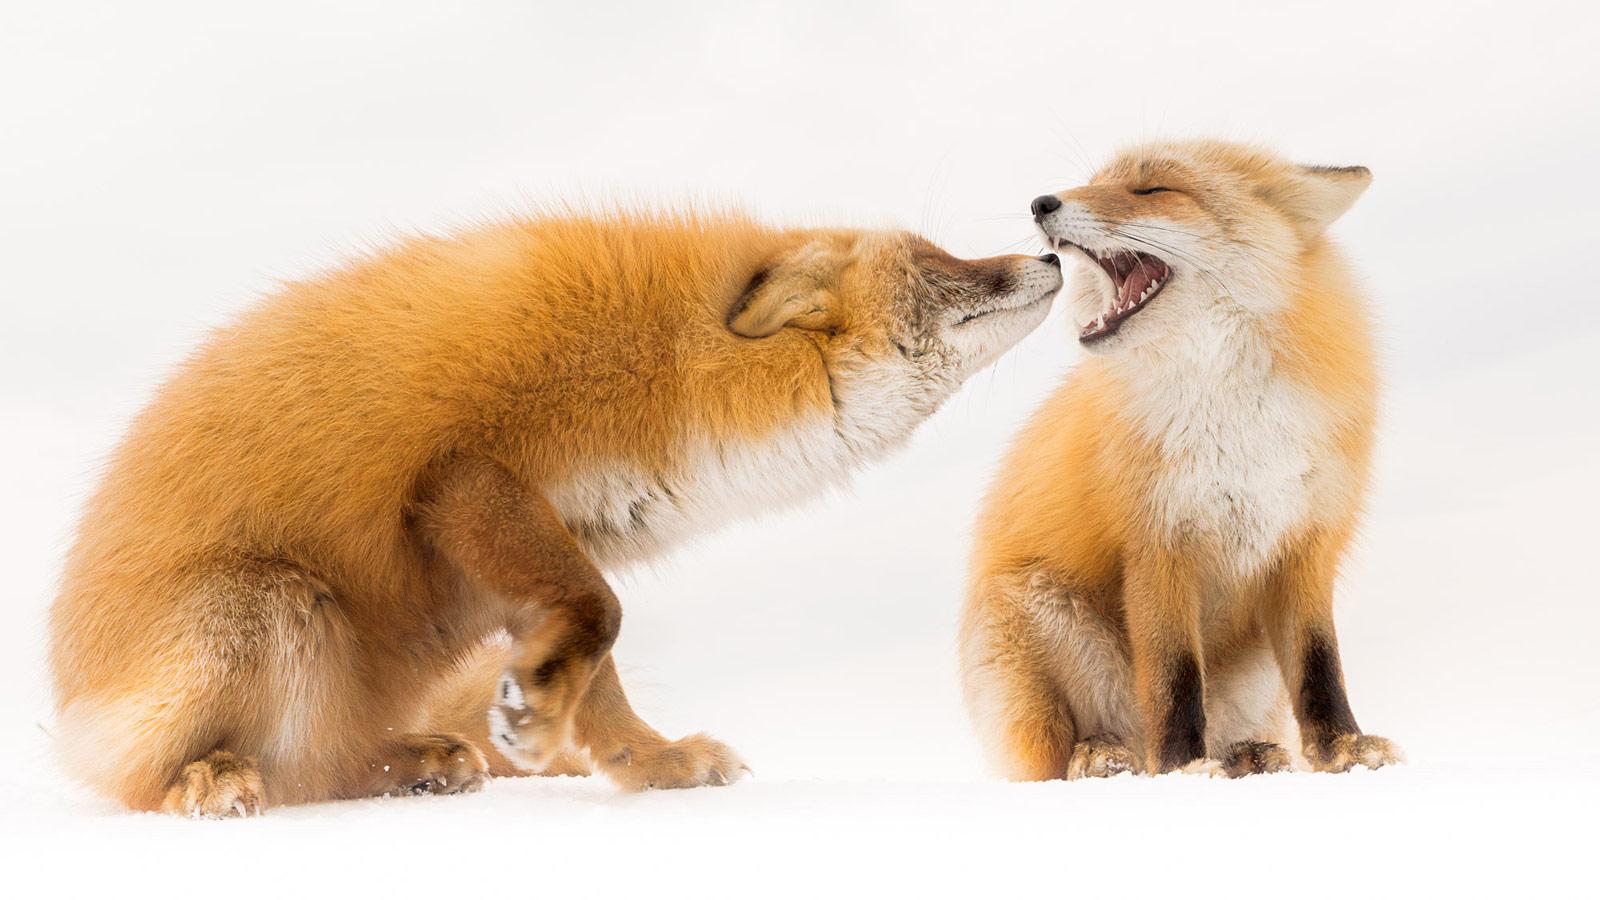 Хороший друг. Хоккайдо, Япония, © Ёсихиро Абико, Хоккайдо, Япония, Высокая оценка в категории «Дикая природа», Фотоконкурс «Лучшая природная фотография Азии»